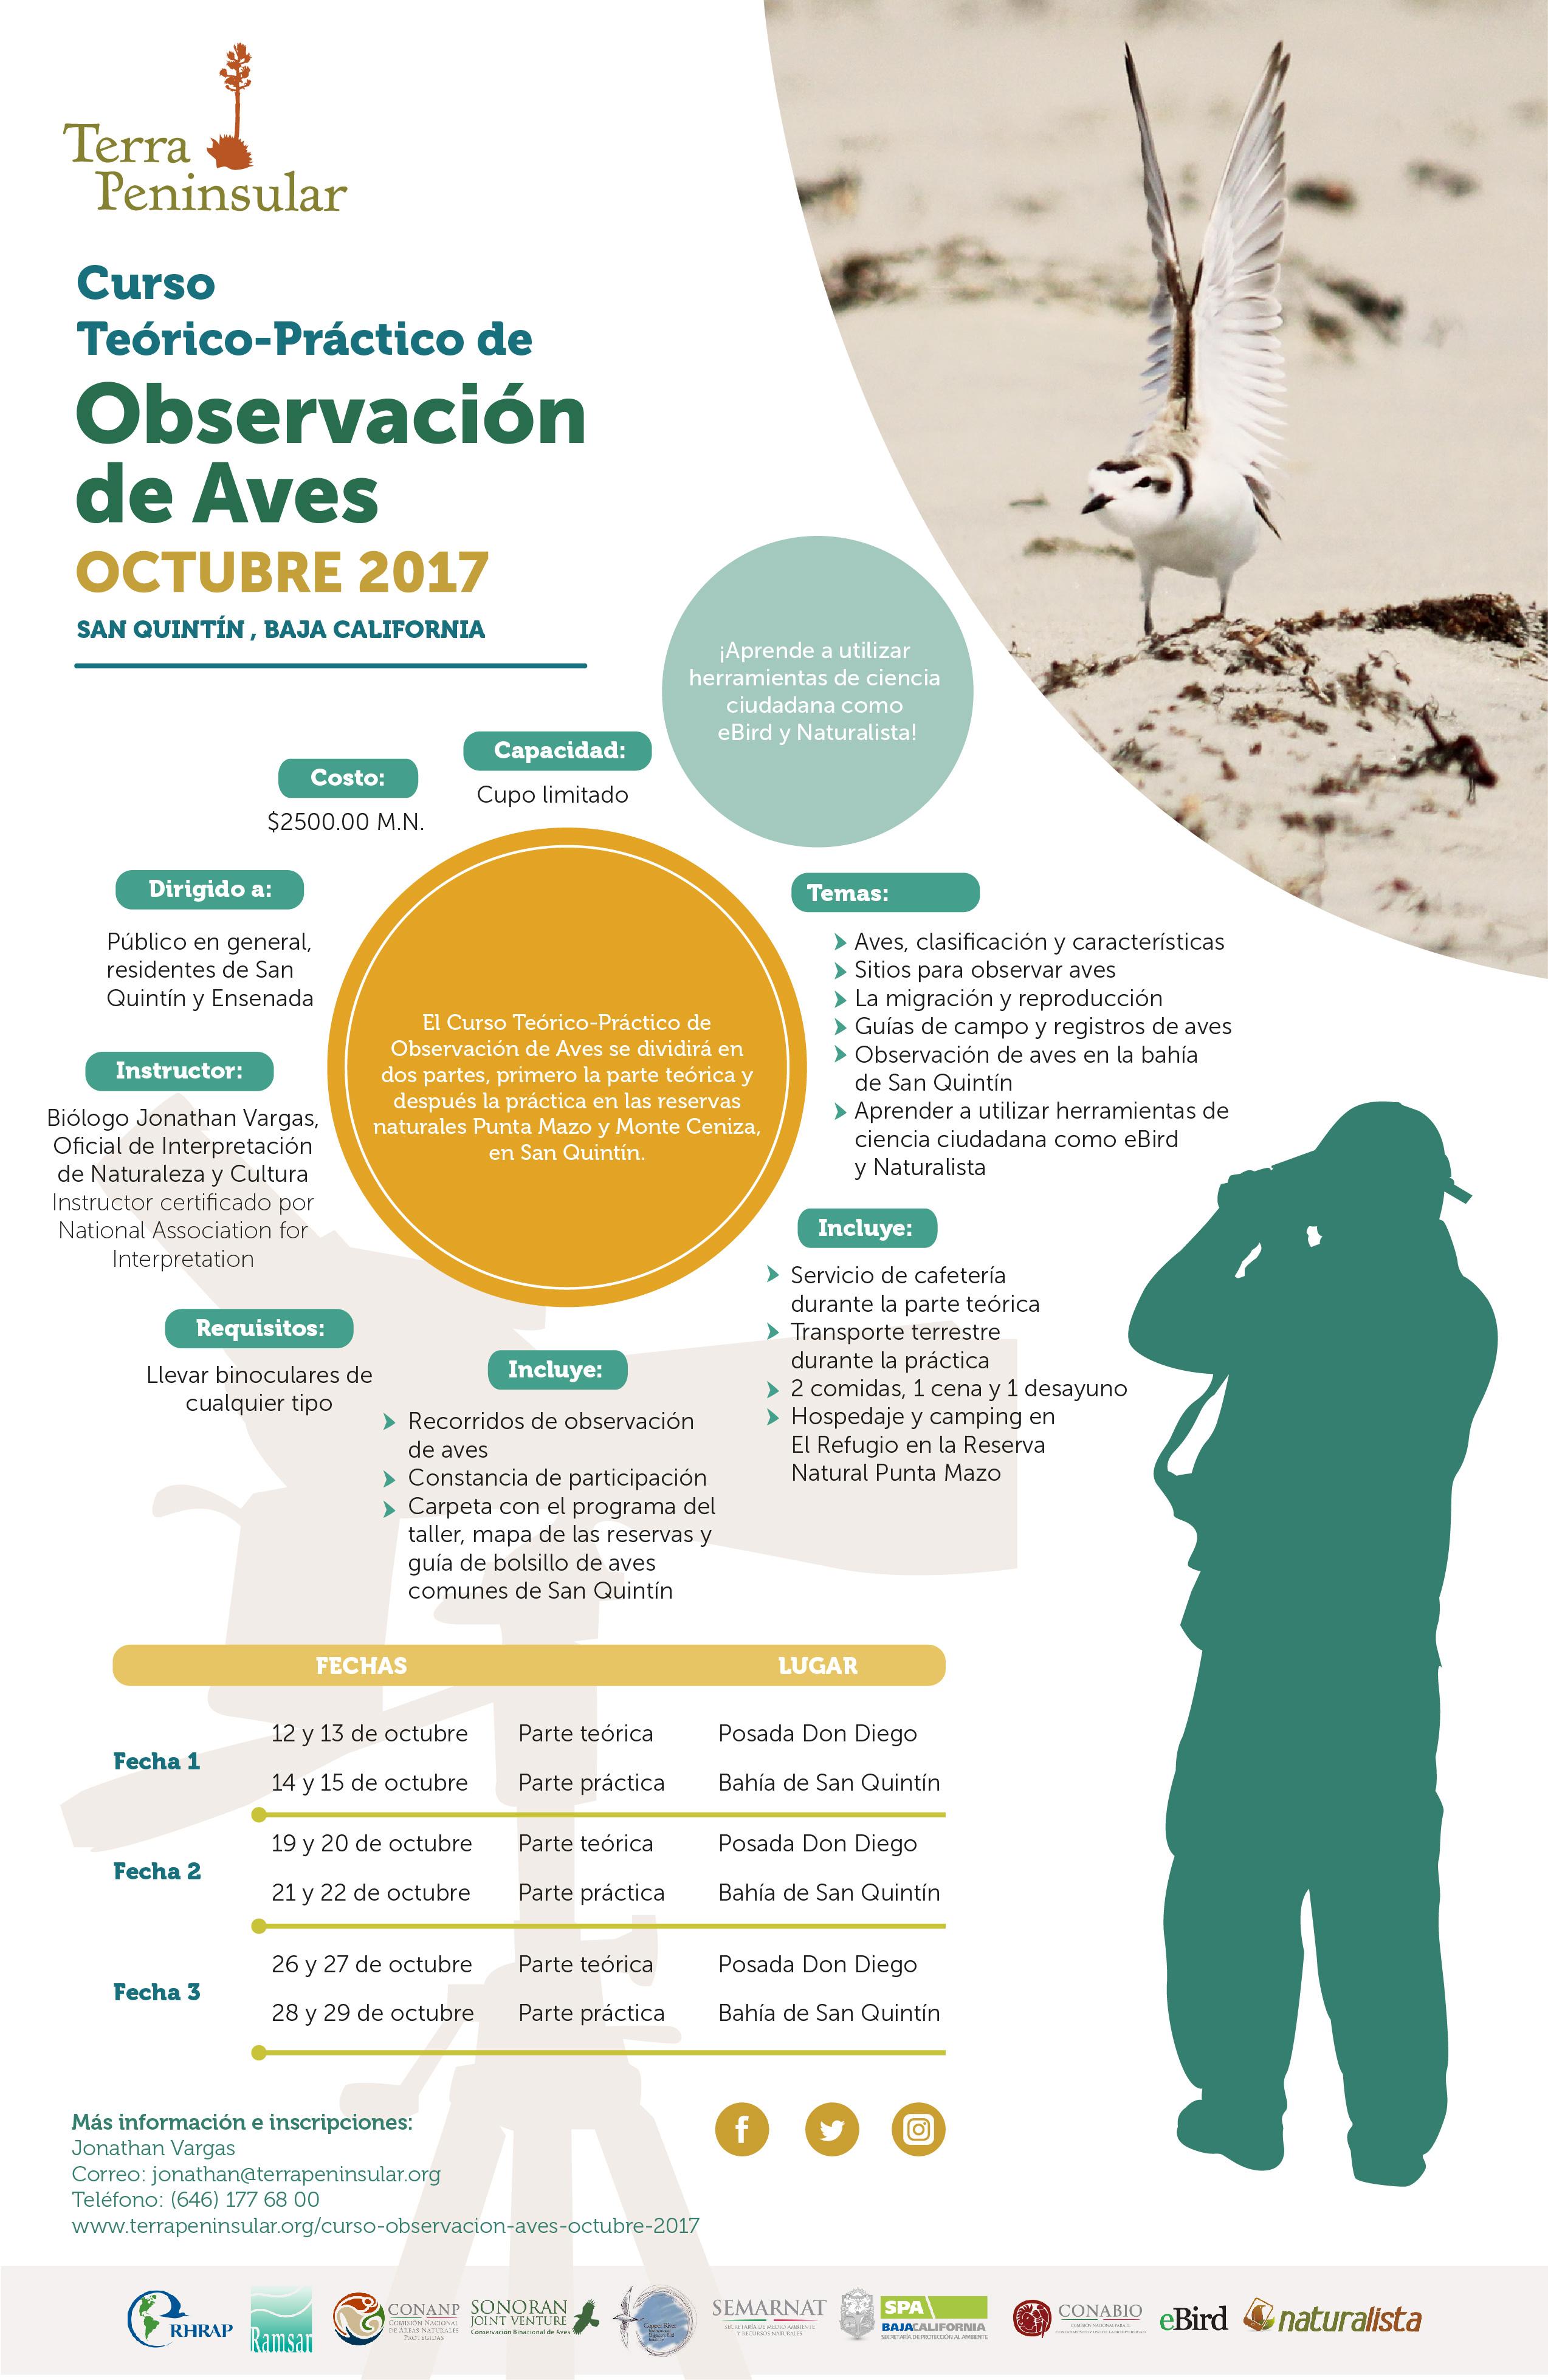 Curso de observación de aves en San Quintín